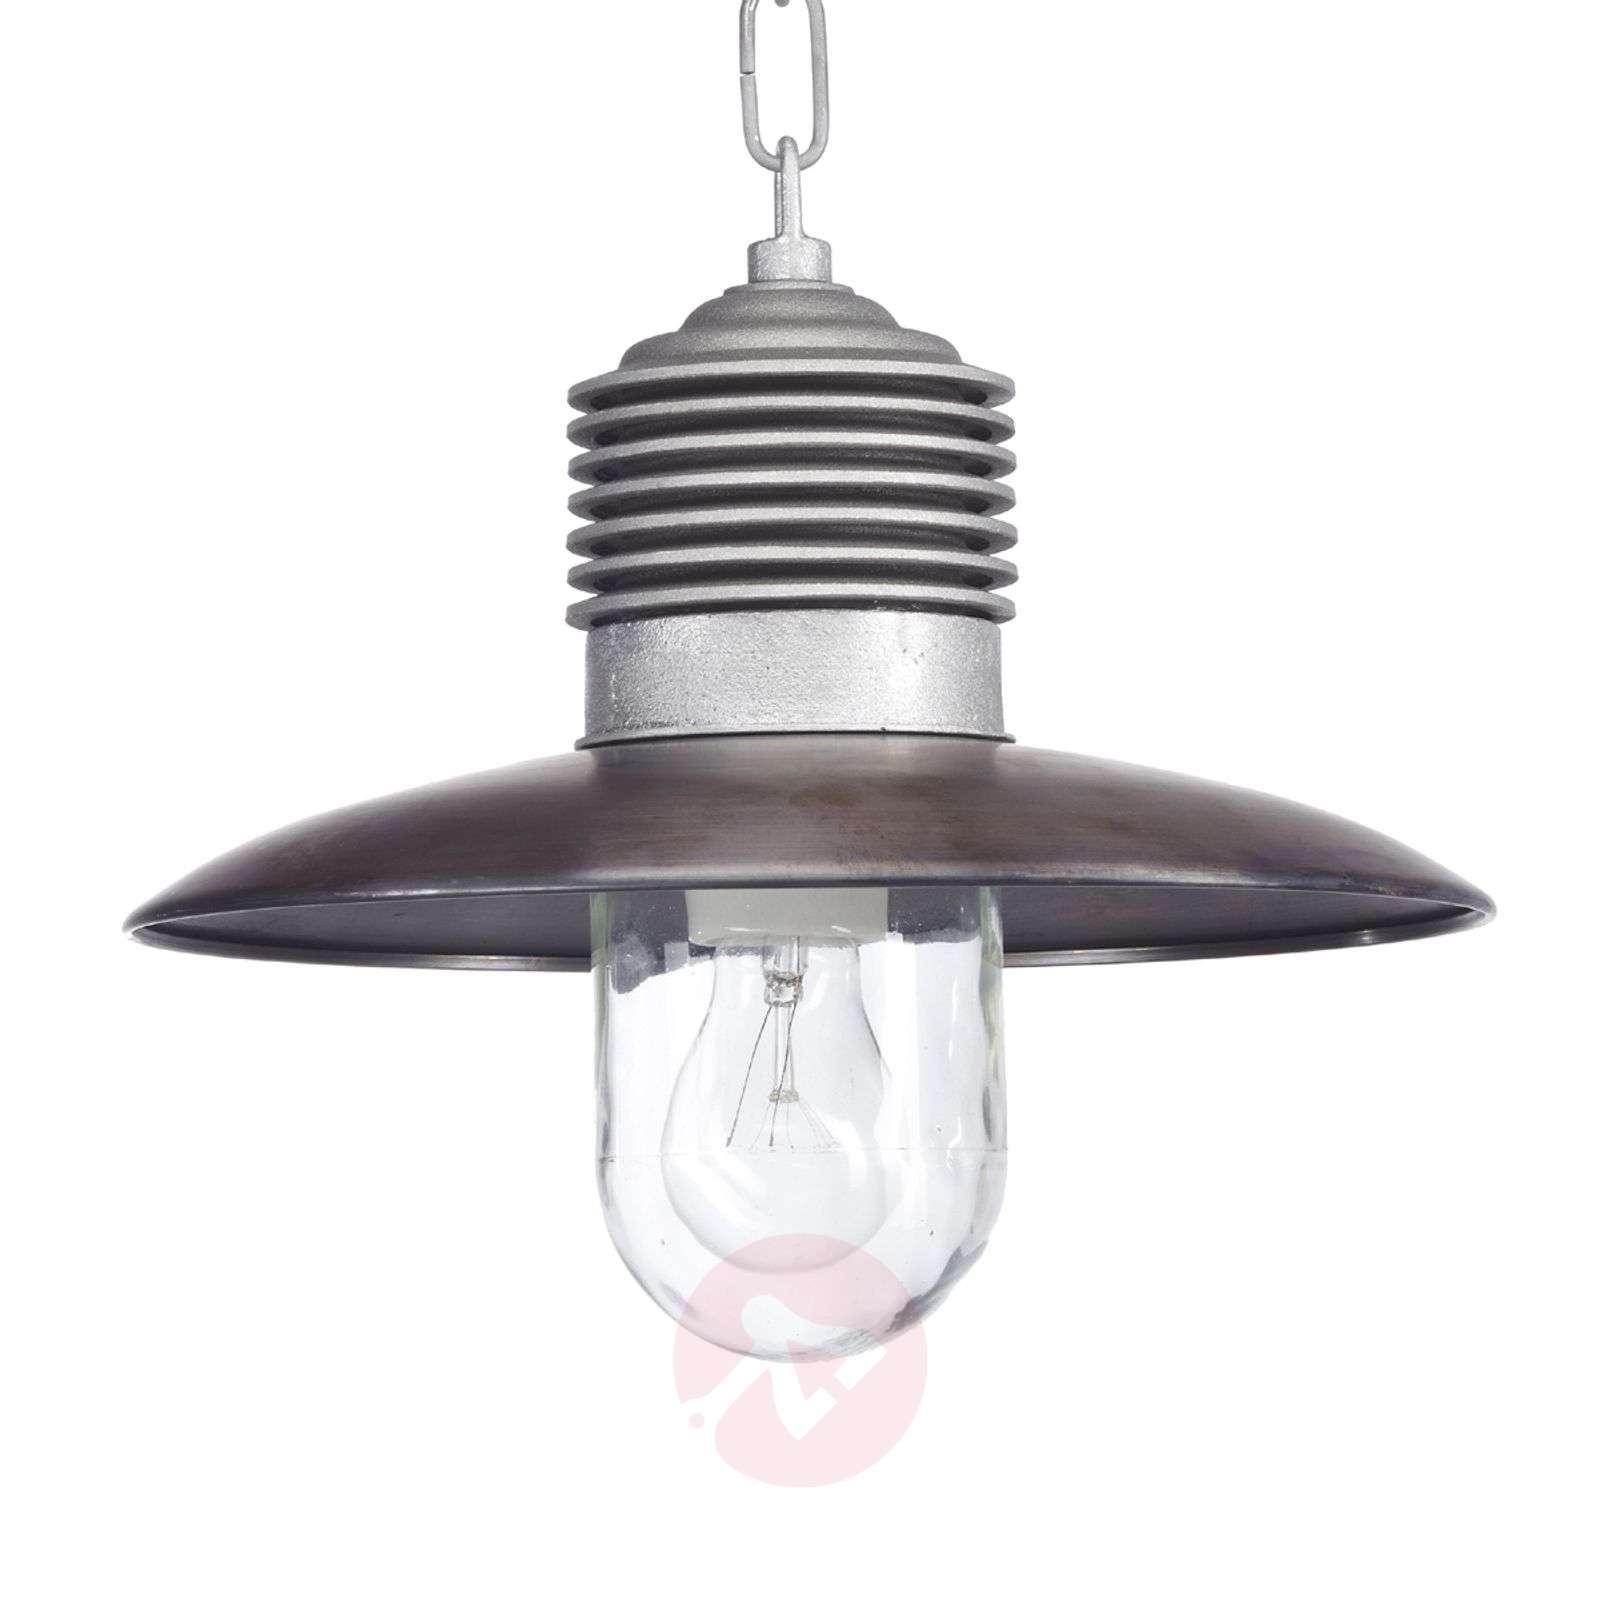 Copper Outdoor Hanging Light Klaus 5515248 01